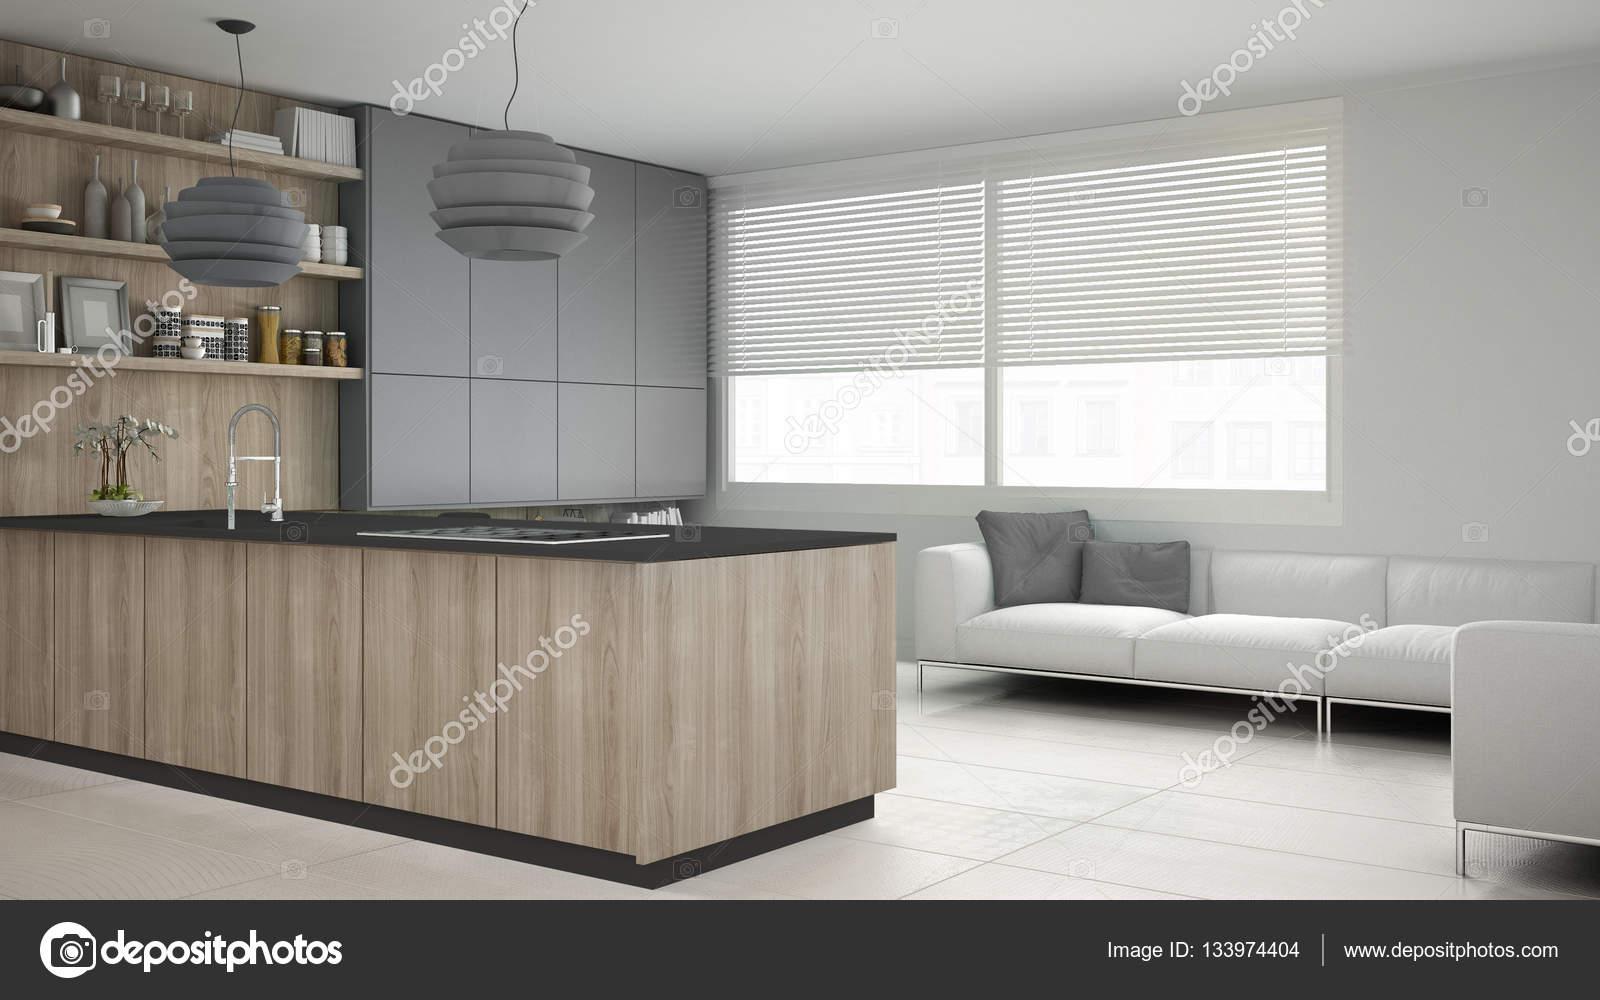 Minimalistisch grijze keuken met houten en grijze details